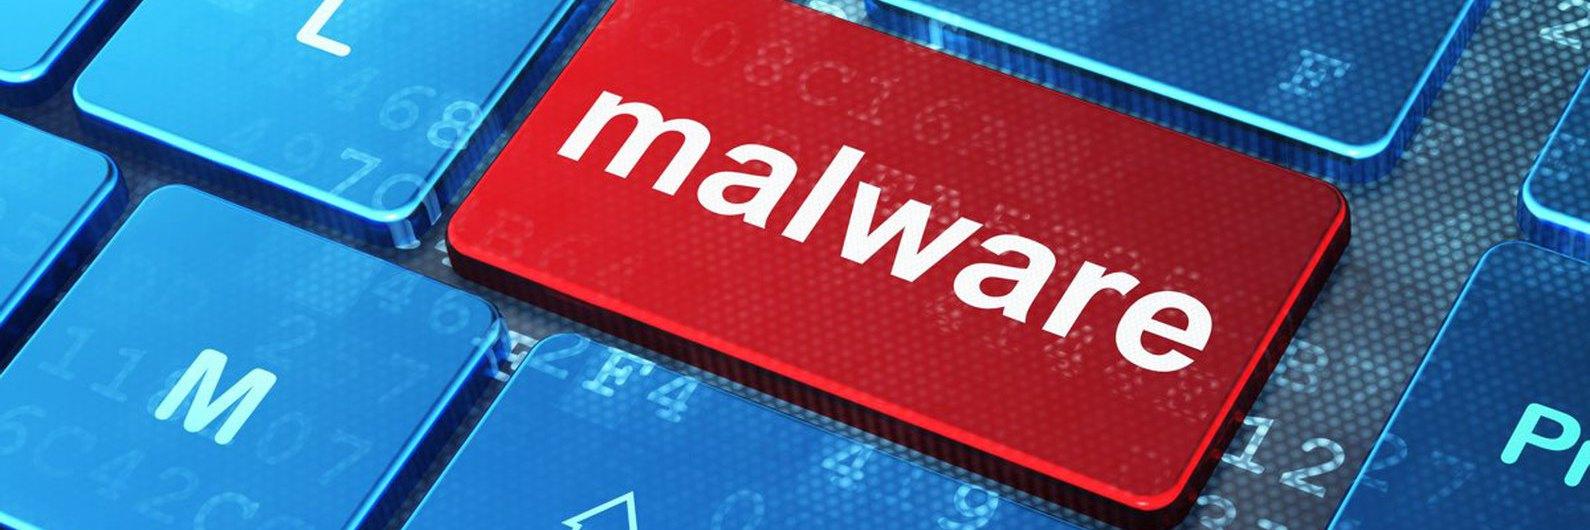 Saiba como os malwares atacam o seu computador